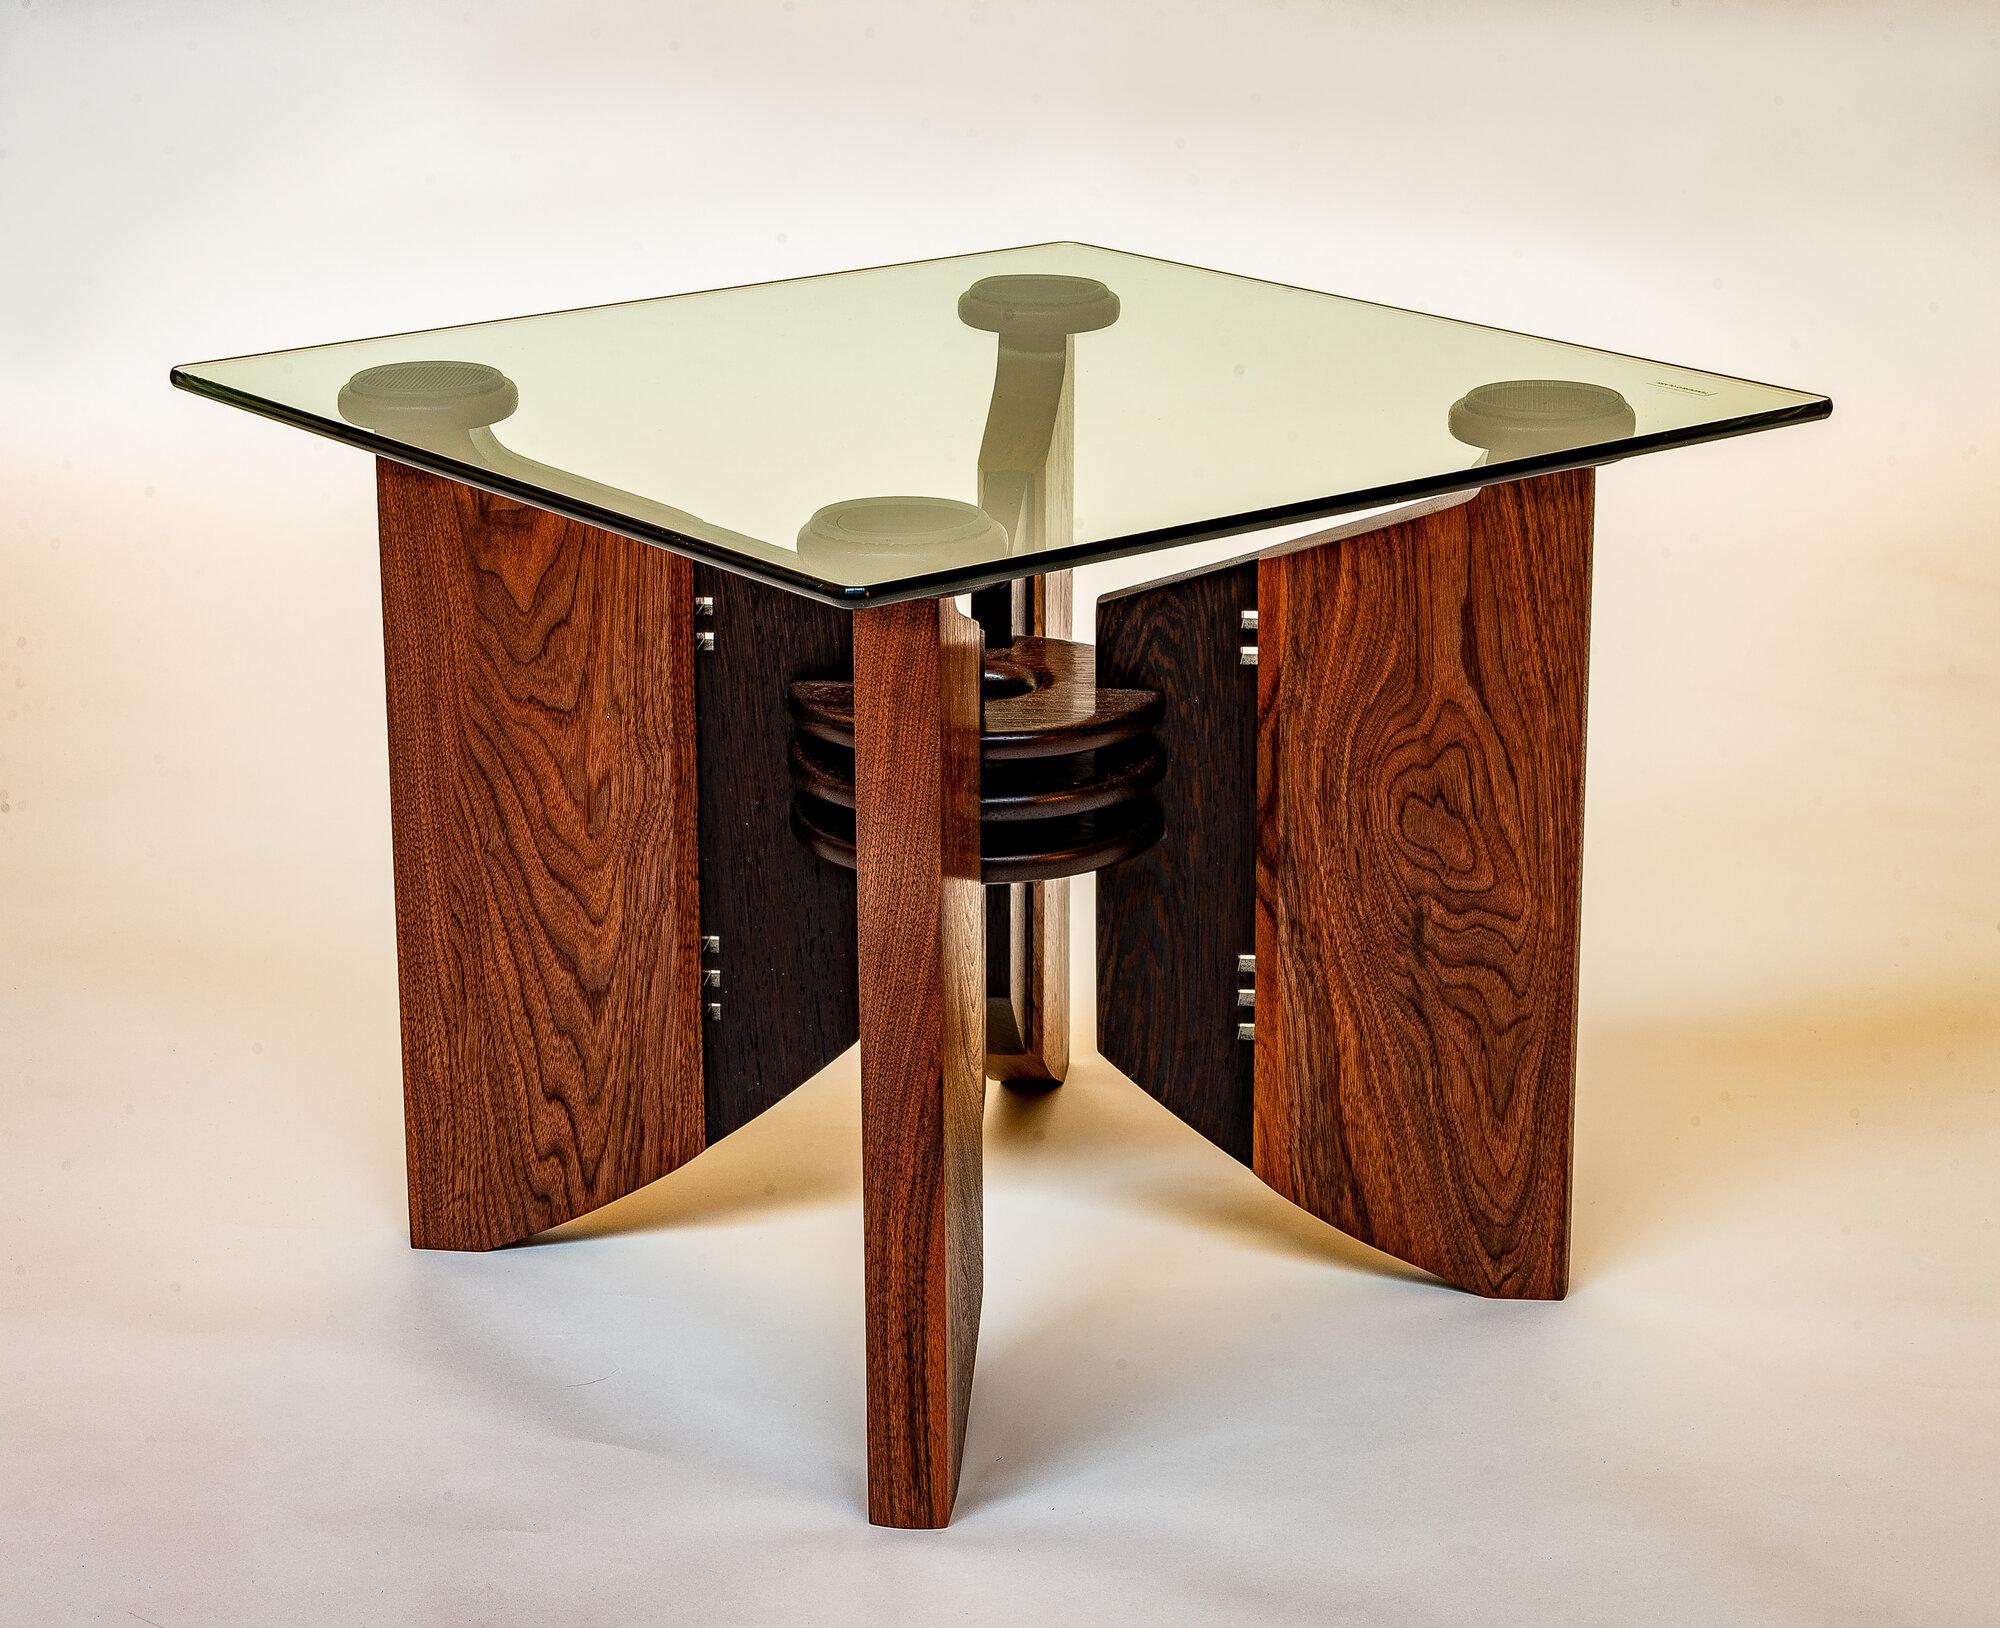 Random X table